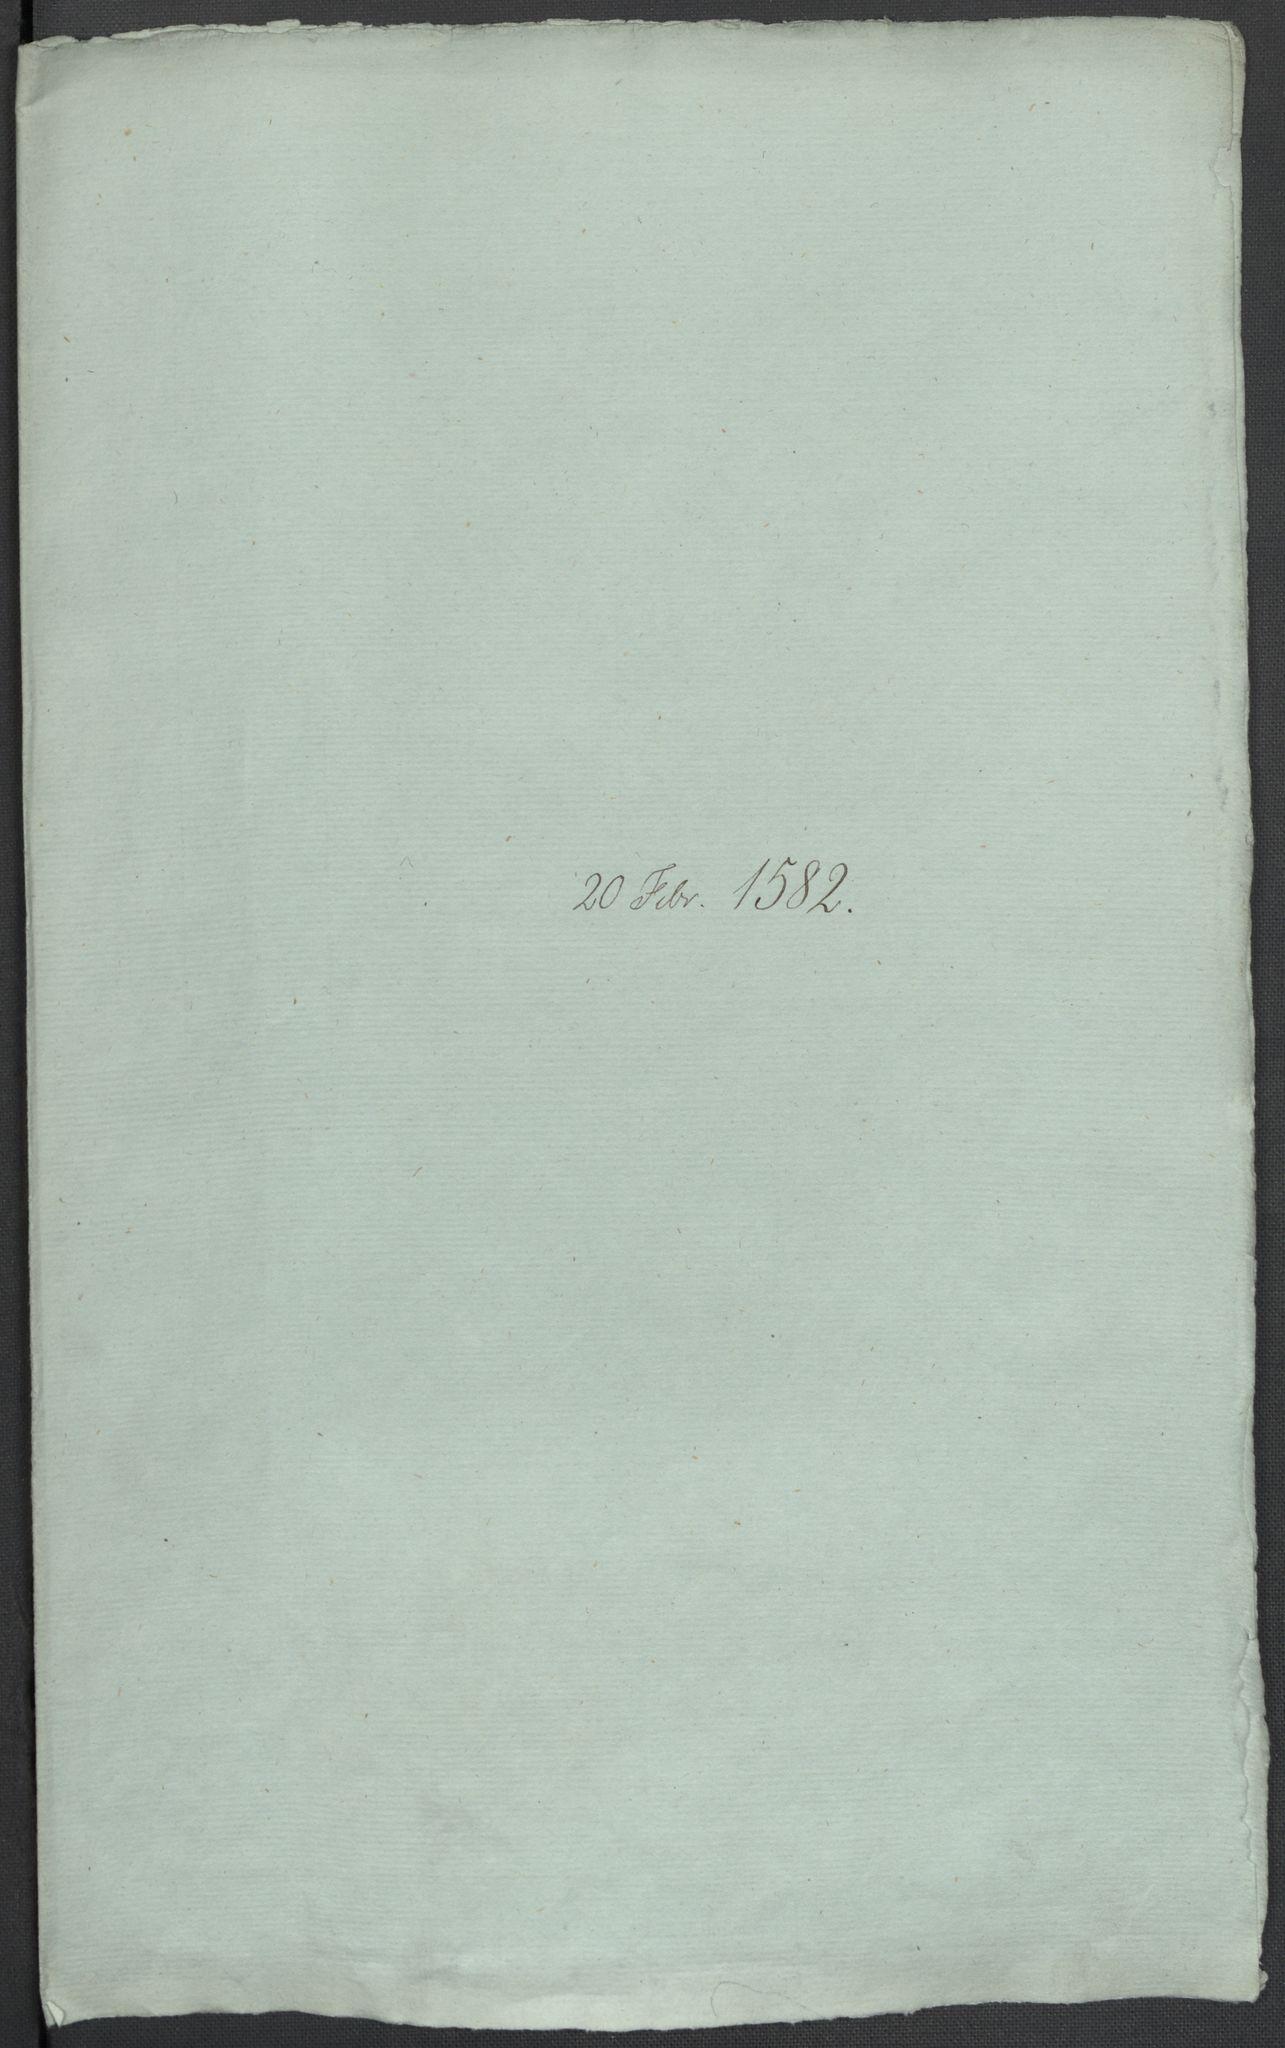 RA, Riksarkivets diplomsamling, F02/L0084: Dokumenter, 1582, s. 6